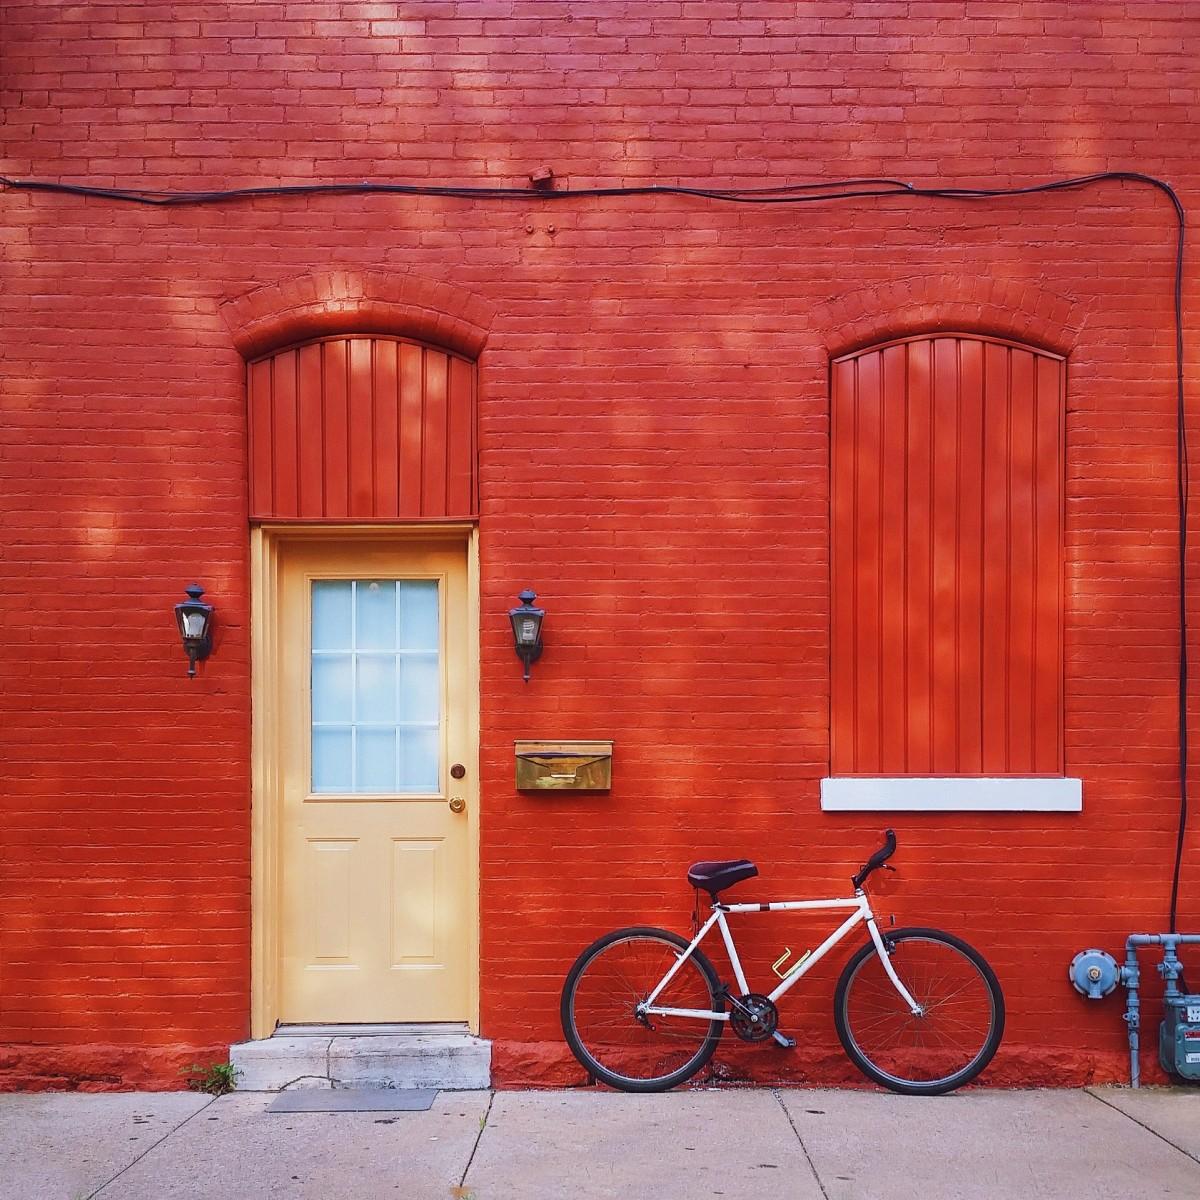 Images Gratuites Bois Maison Vlo Mur Rouge Couleur